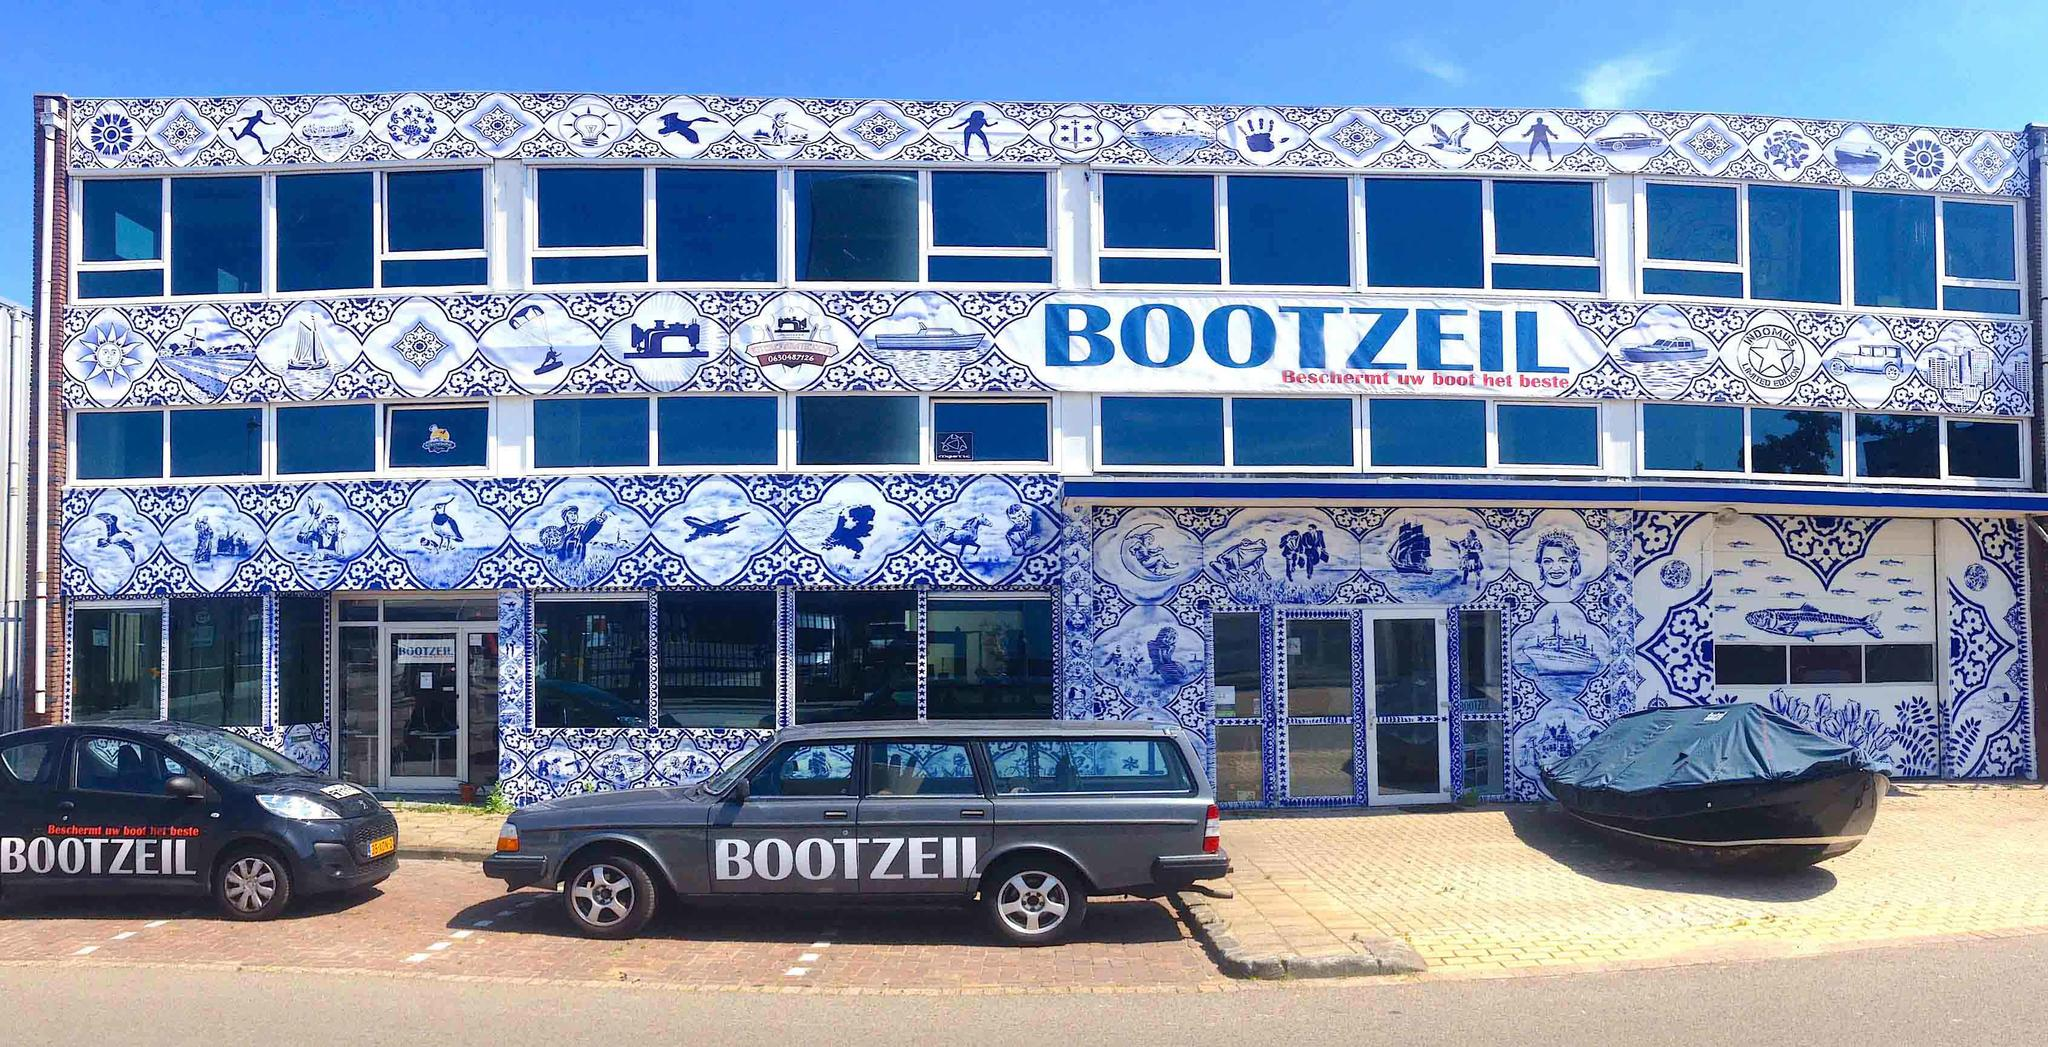 pand bootzeil Haarlem zeilen doeken kwaliteit handgemaakt zeilmakerij doeken hoezen alles